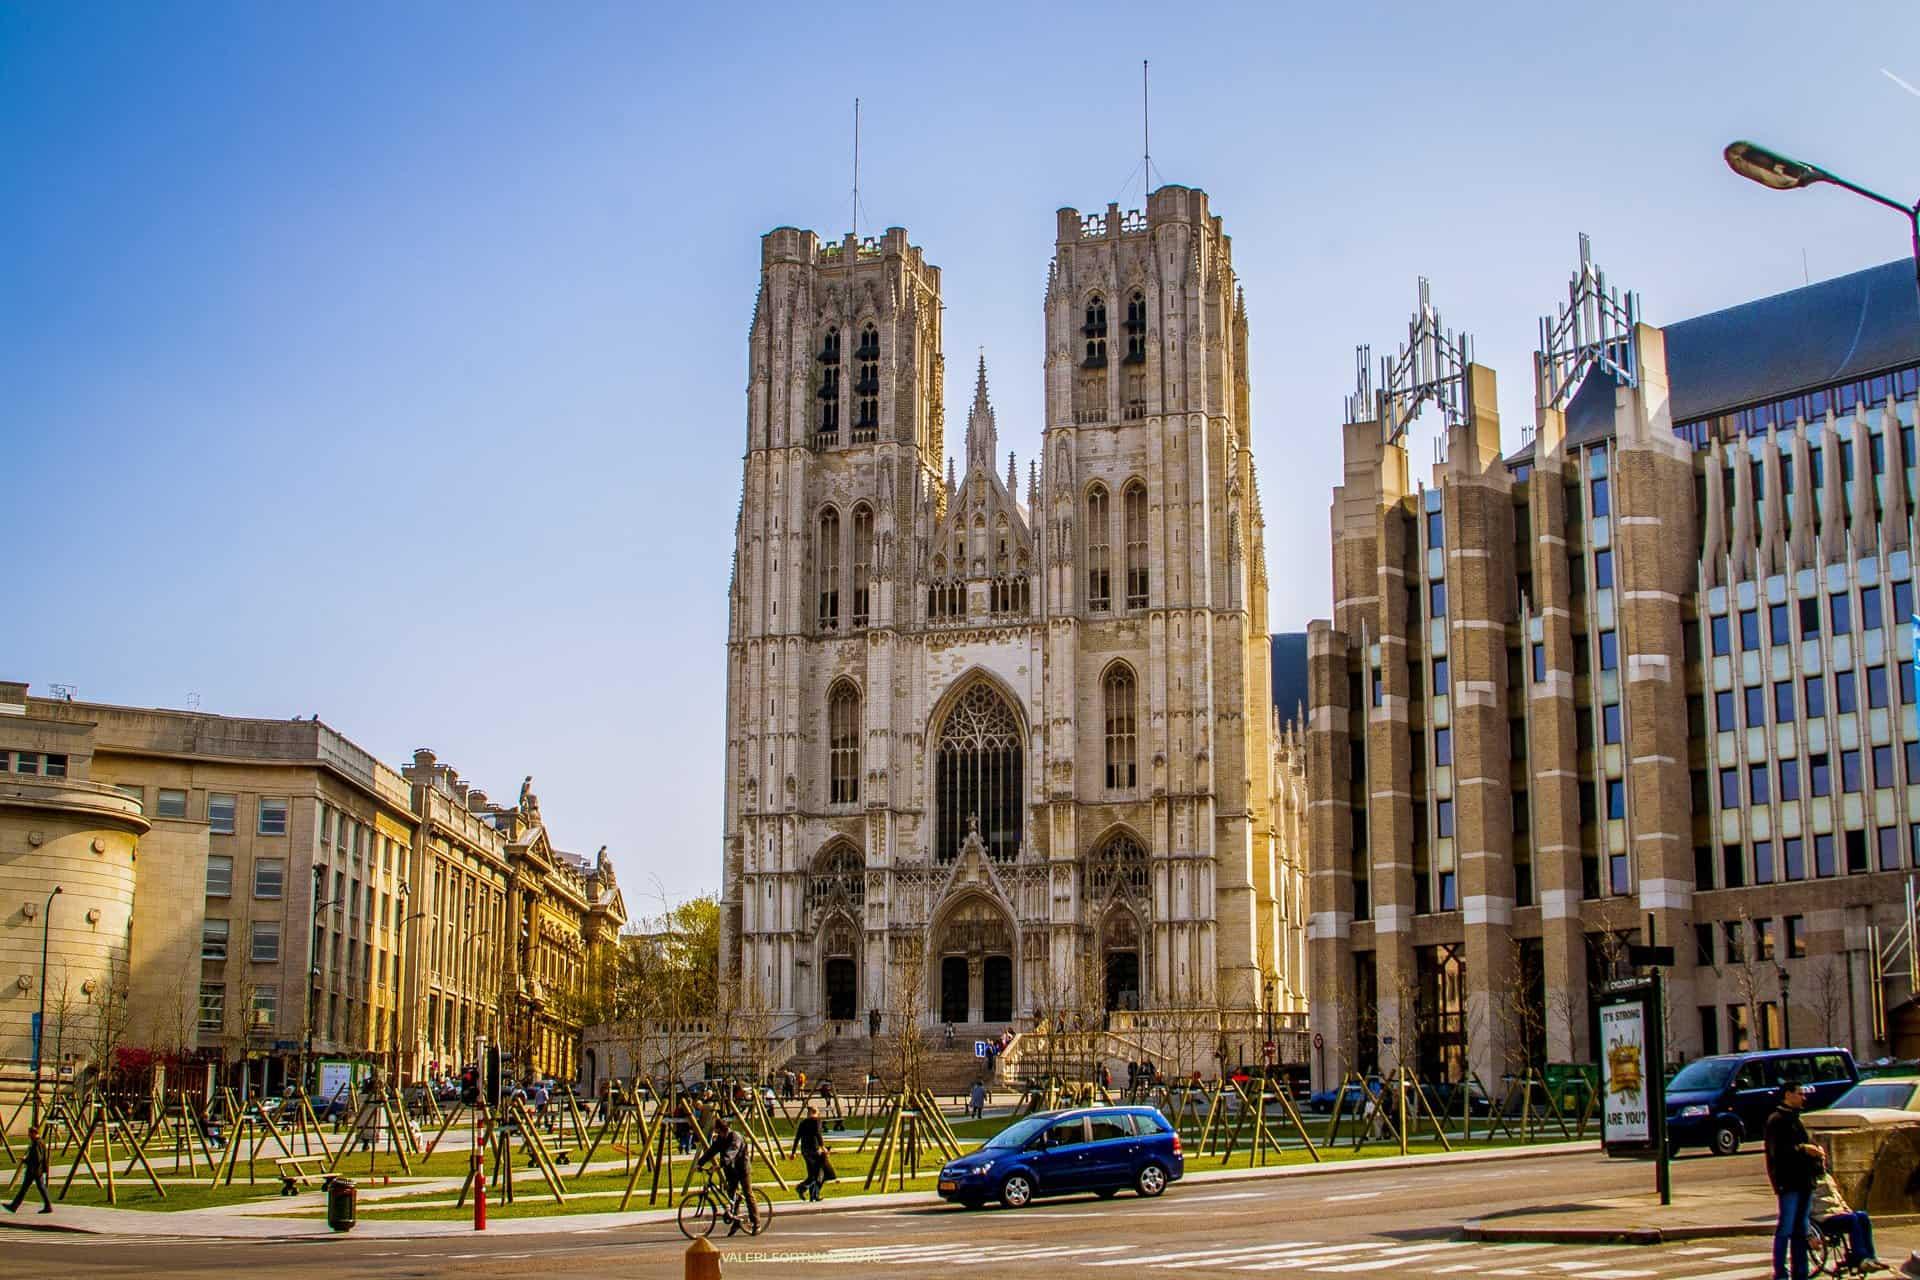 افضل 5 اماكن سياحية في بروكسل بلجيكا